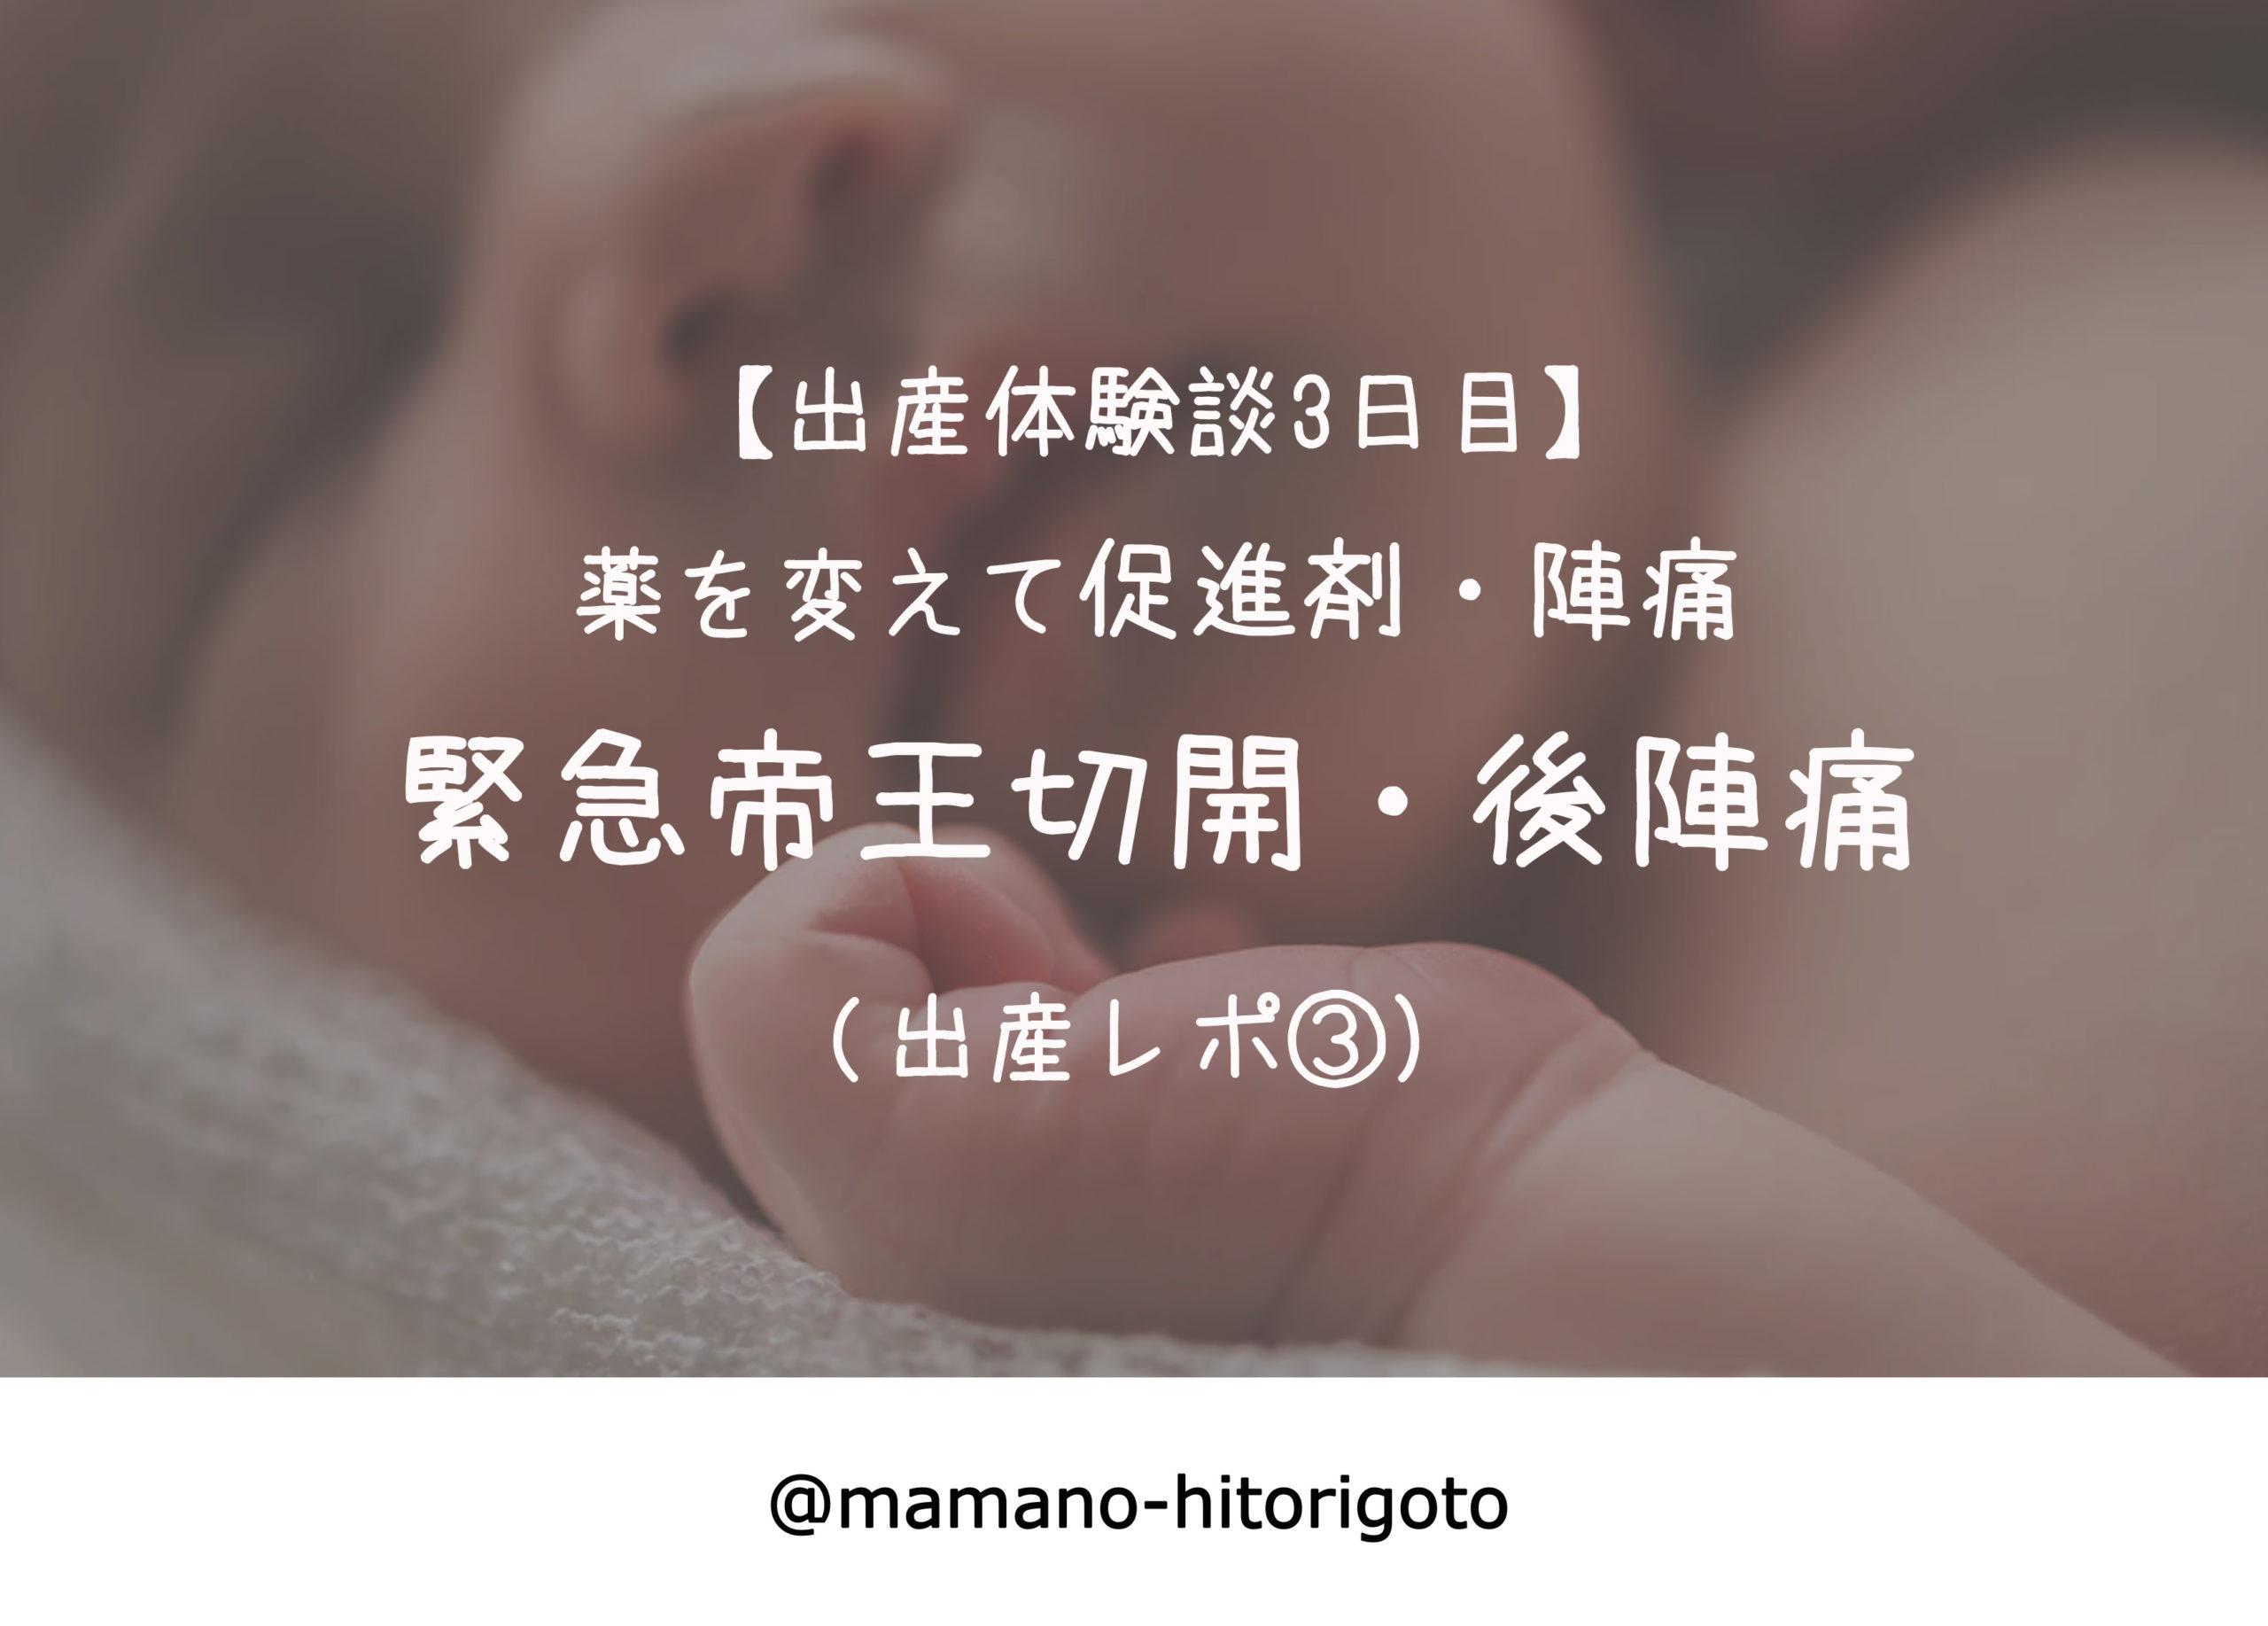 【出産体験談3日目】薬を変えて促進剤・陣痛・緊急帝王切開・後陣痛